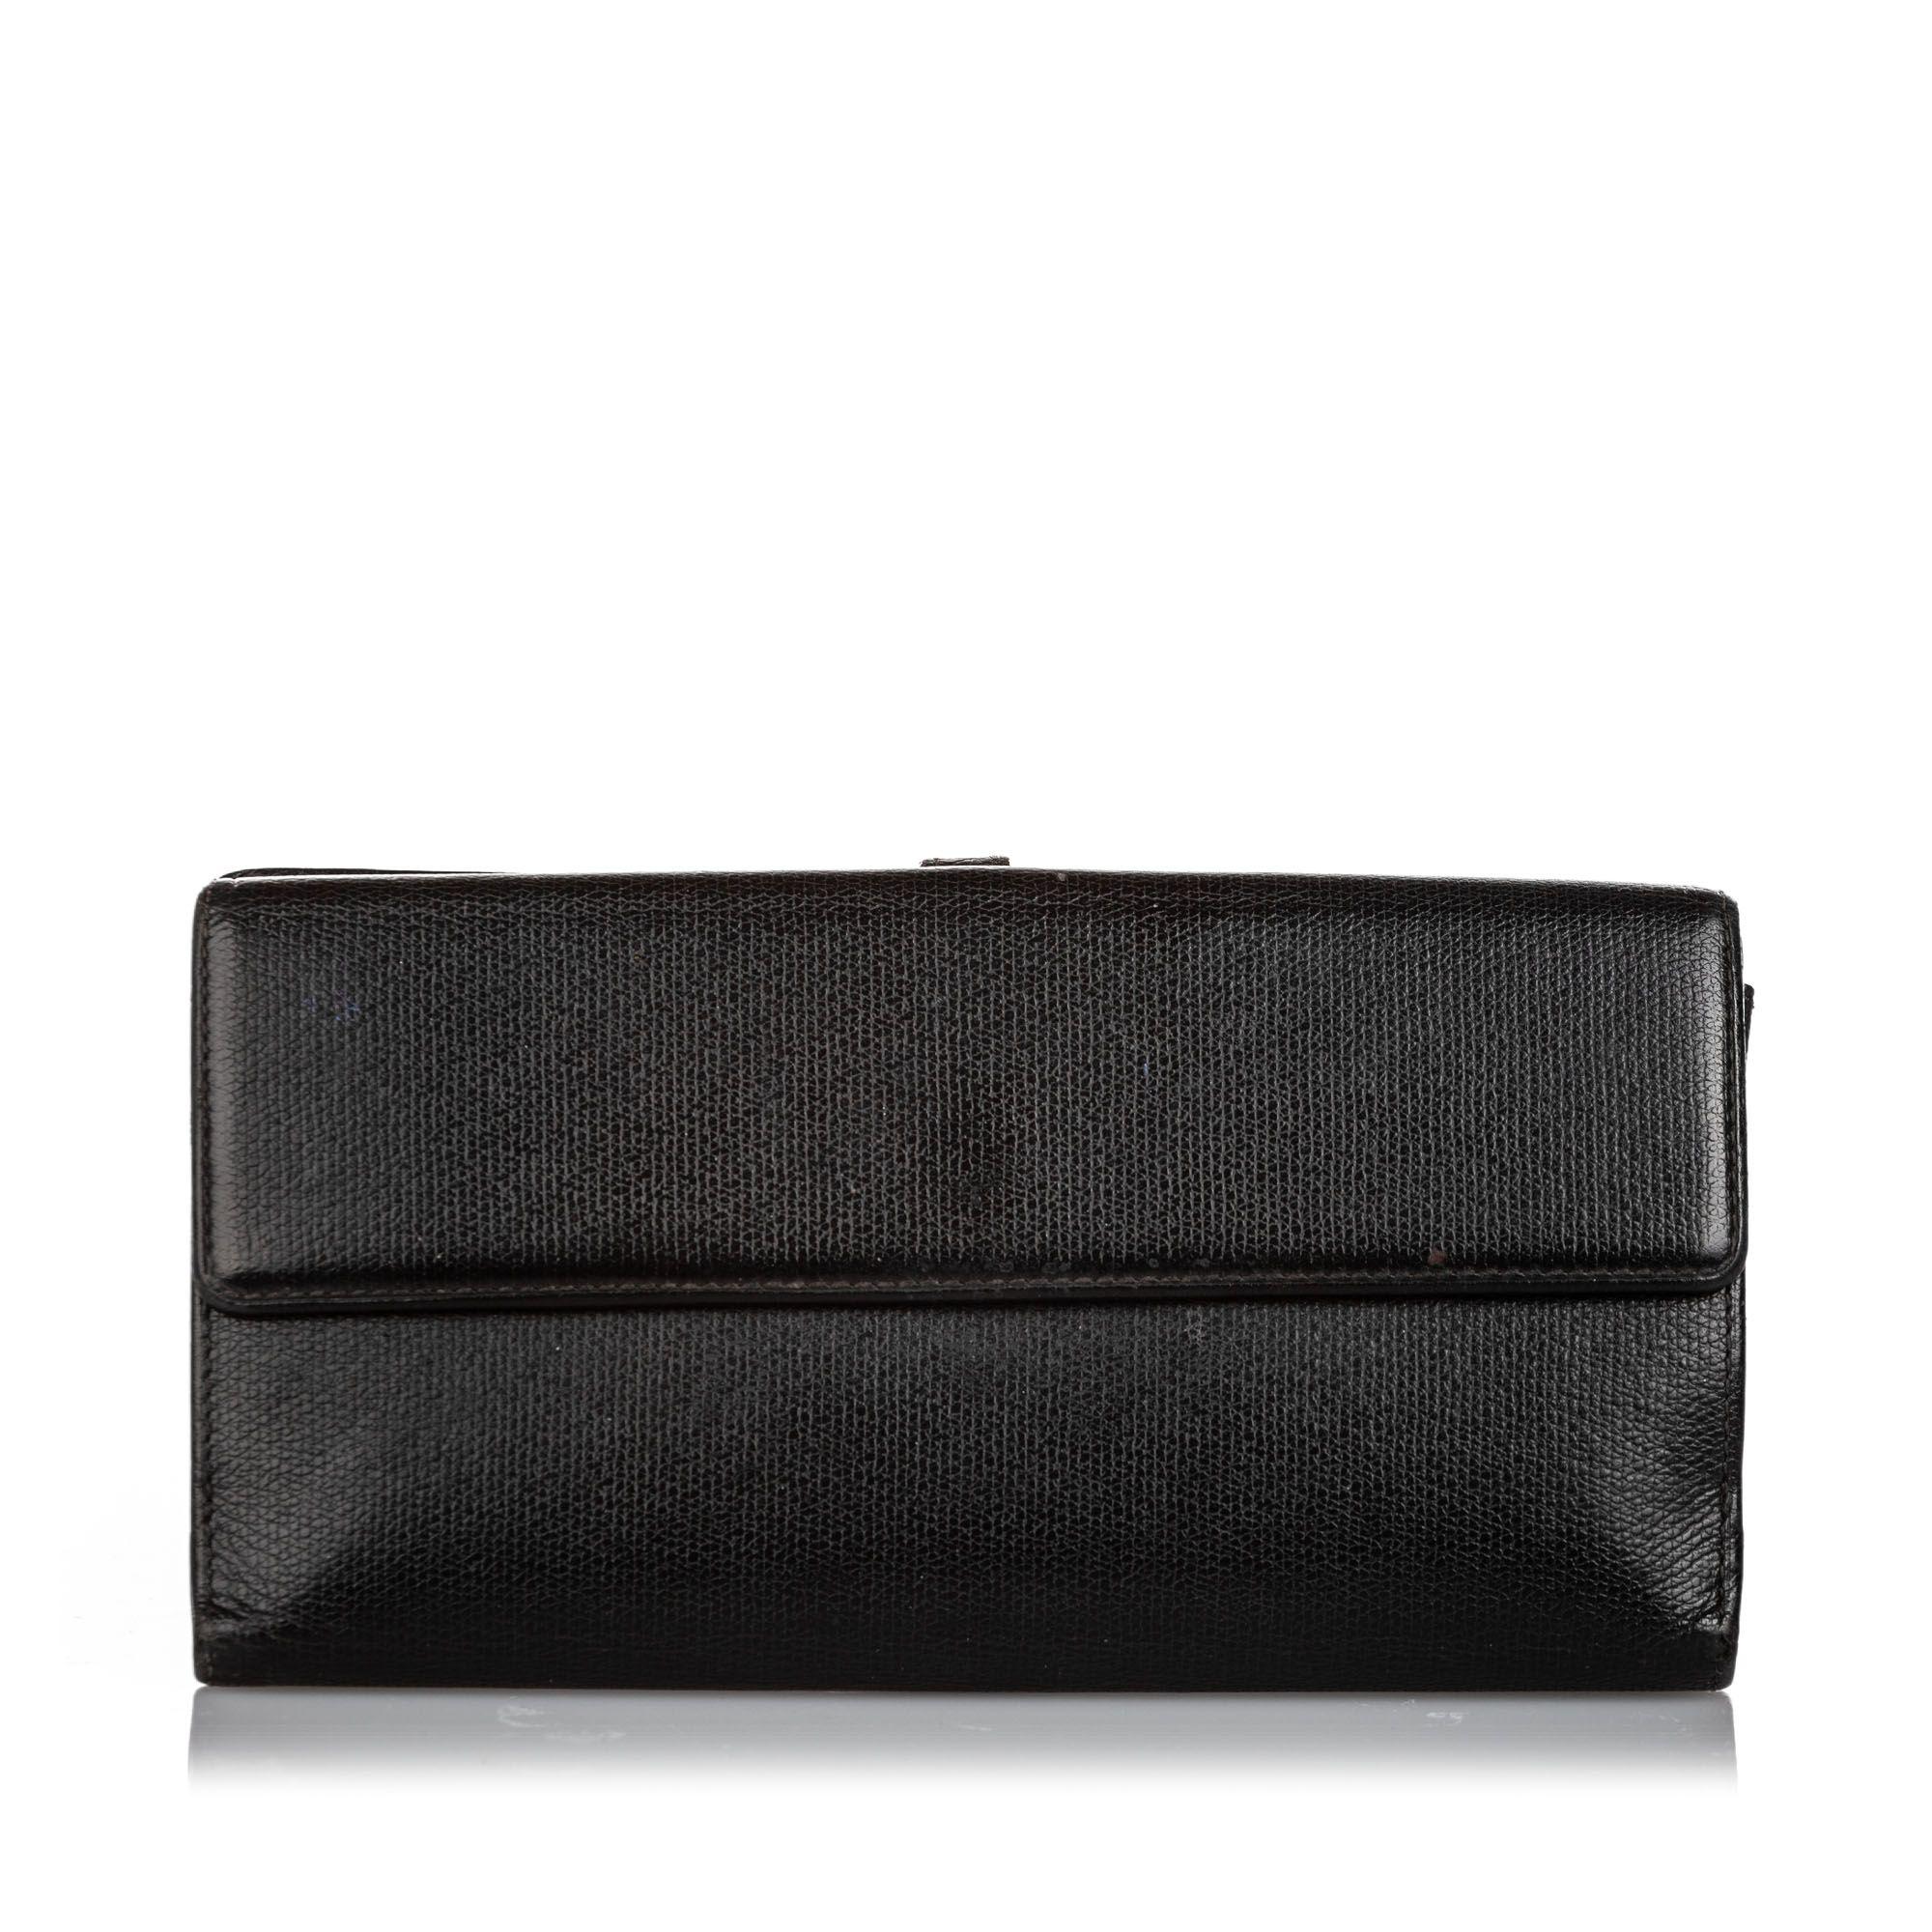 Vintage Chanel Leather Long Wallet Black